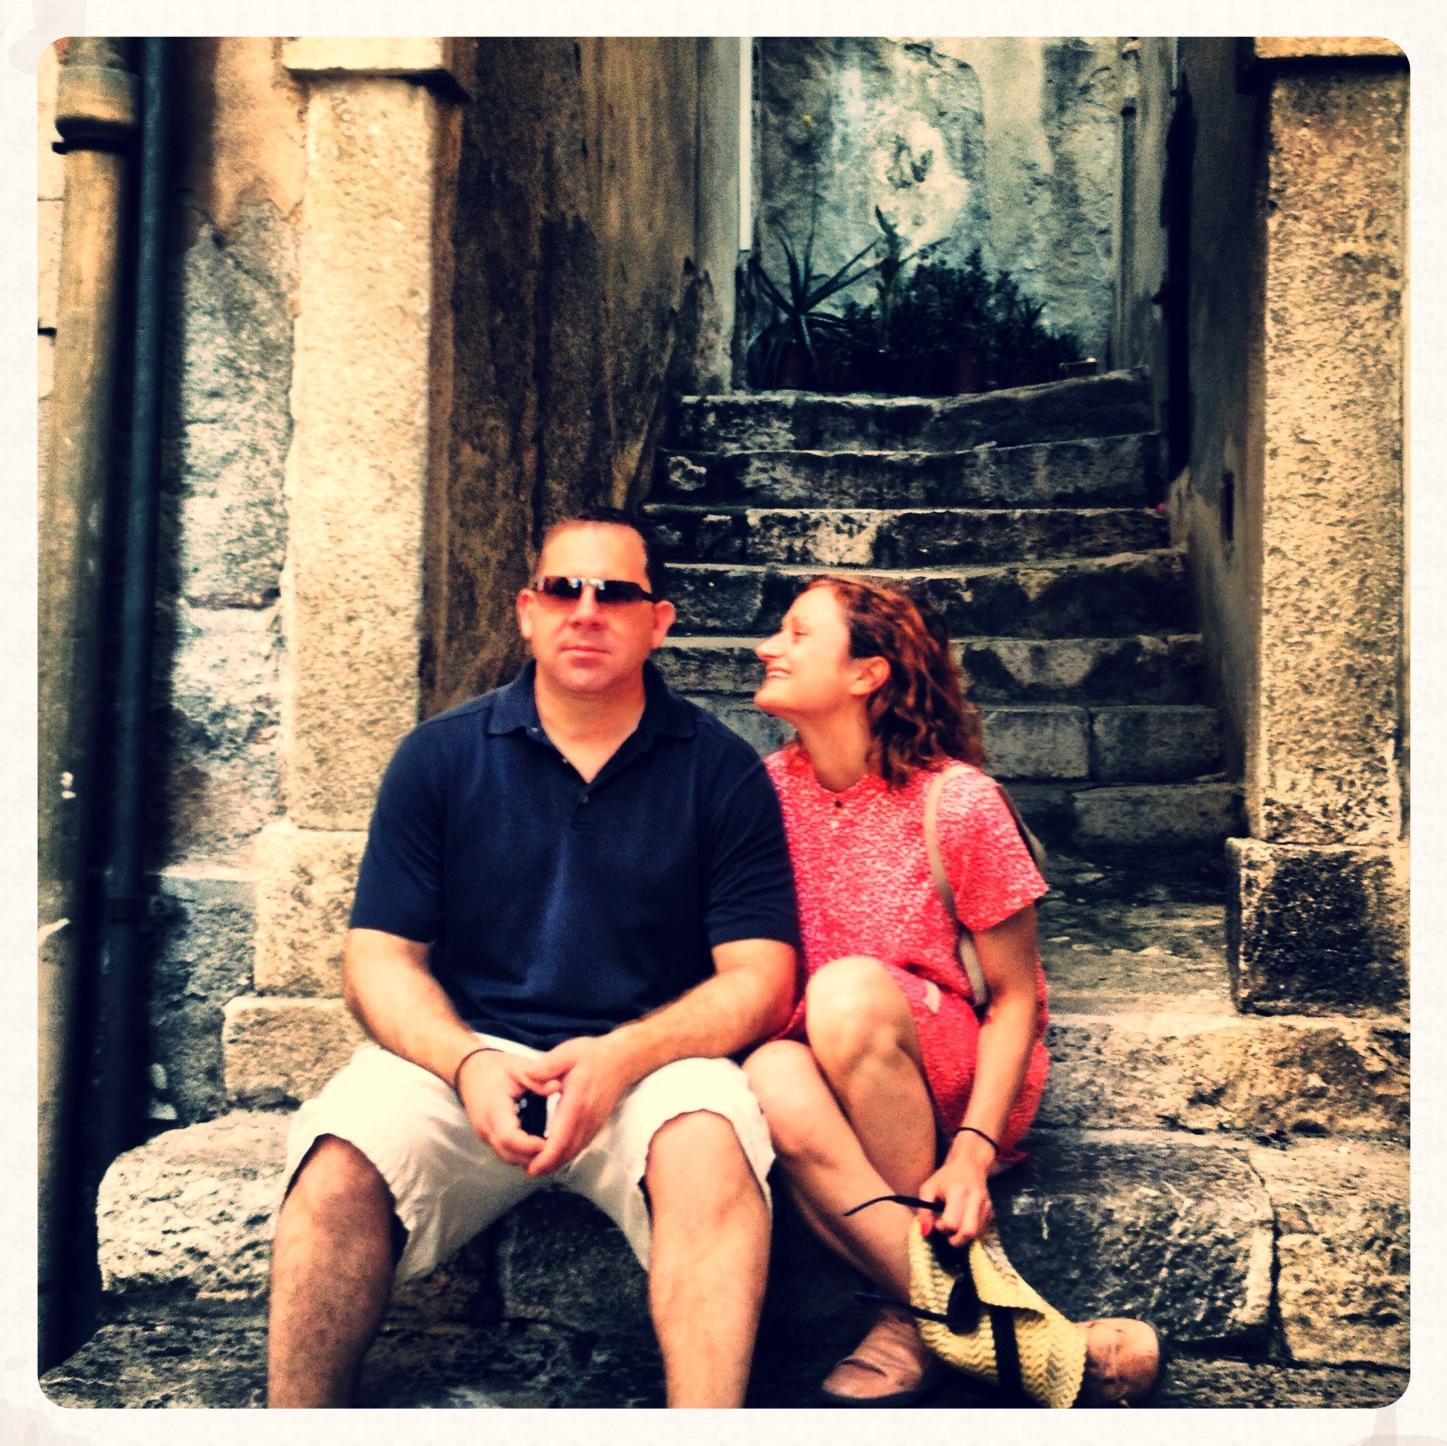 My bestie/sugar daddy. Saint Geoff. Sicily, June 2013.